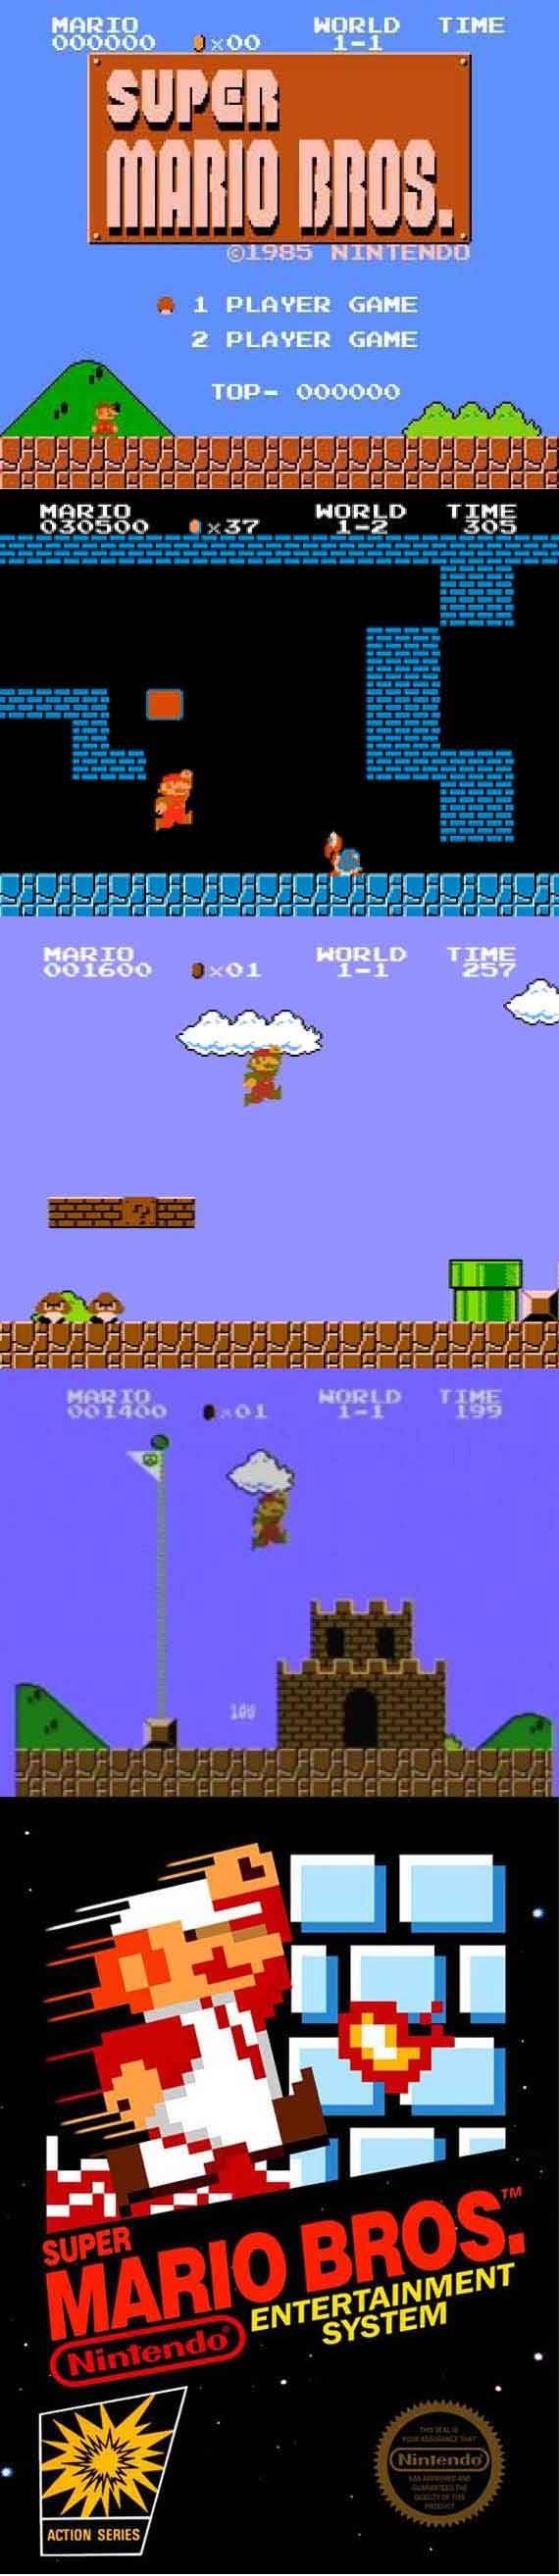 """#RetroGamer #SuperMarioBros. """"Do do do do do do do do do, DO DO DO DO DO DO DO DO DO, do do do do do"""" """"Da da daat da daa dee daa da da, da da daa da da dat!"""" http://www.levelgamingground.com/super-mario-bros-review.html"""